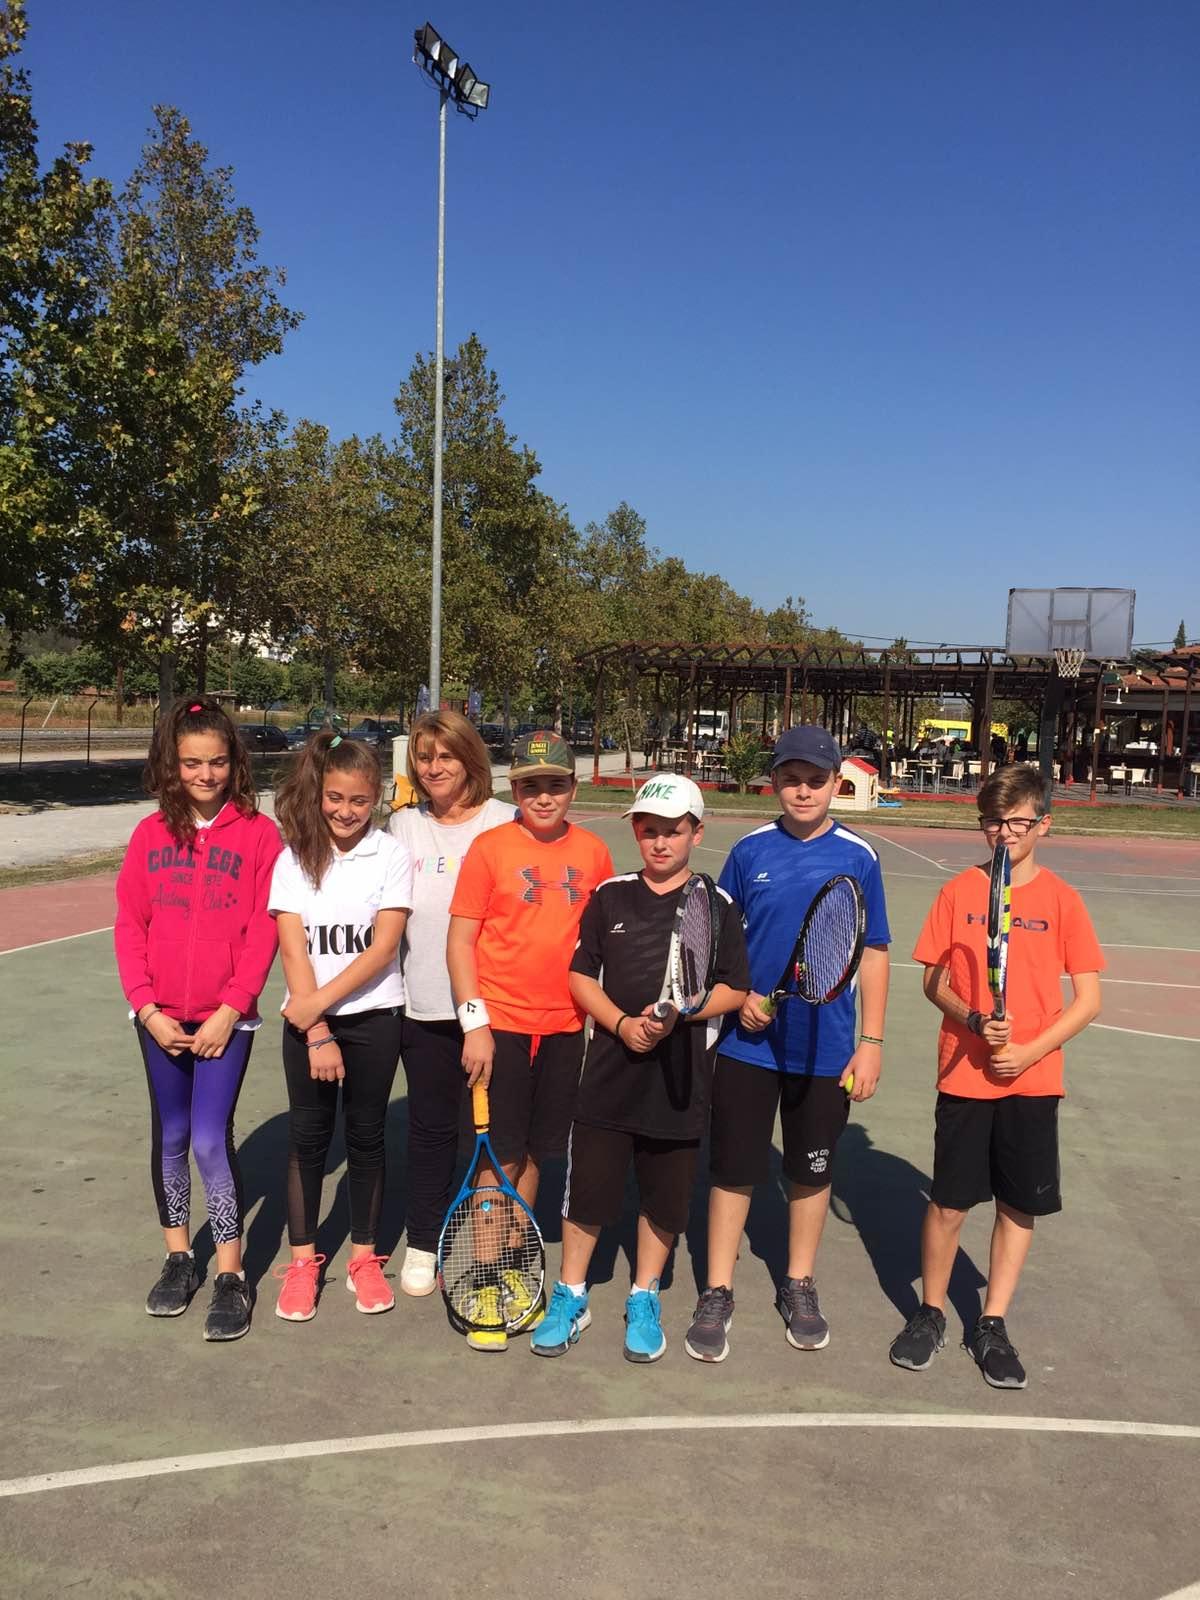 Συμμετοχή του Αθλητικού Συλλόγου Αντισφαίρισης Γρεβενών στο βαθμολογούμενο Πρωτάθλημα JUNIOR Ε3 43ης εβδομάδας 2019 για αγόρια– κορίτσια 12